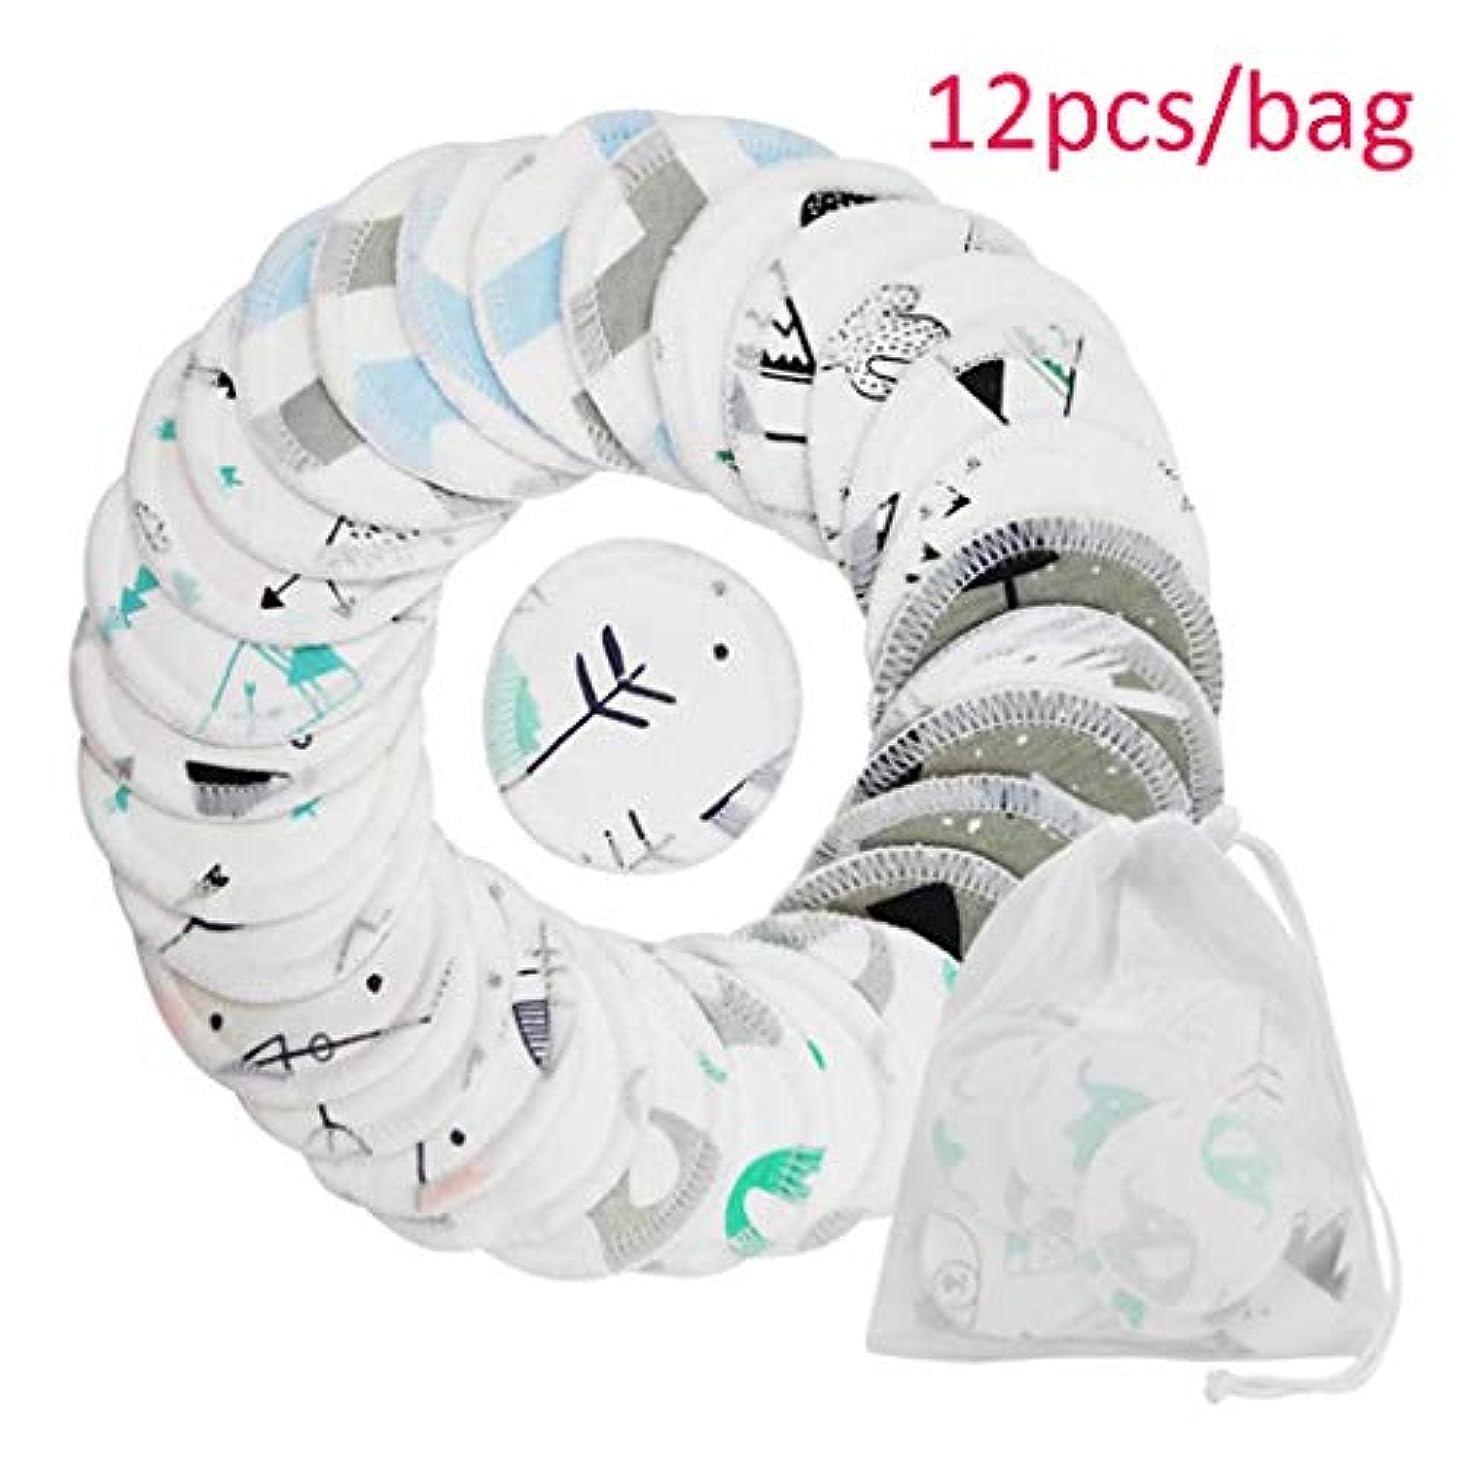 発疹歩き回る五月クレンジングシート 再利用可能な洗濯布パッド3層洗える綿ソフトメイクアップリムーバー布用女性の女の子化粧道具 (Color : White, サイズ : A(12pcs/bag))